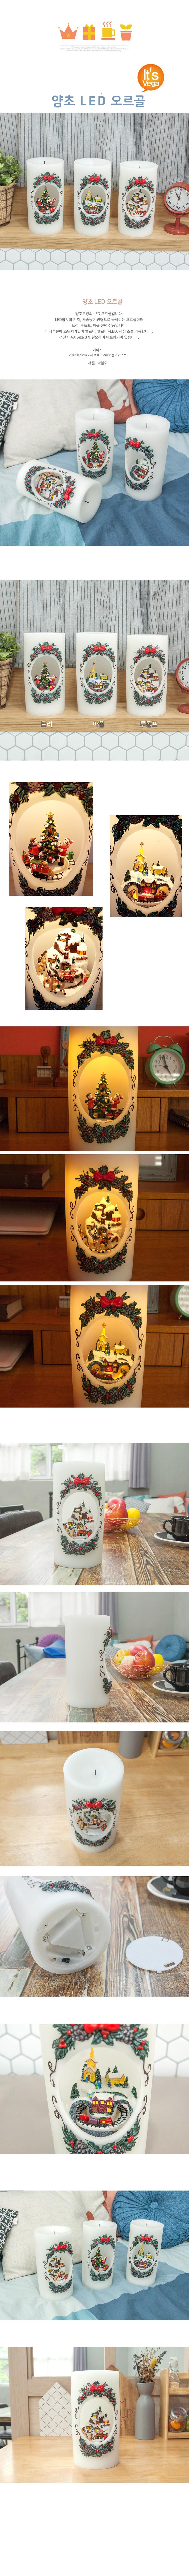 양초 LED 오르골 - 베가, 65,000원, 장식품, 워터볼/오르골